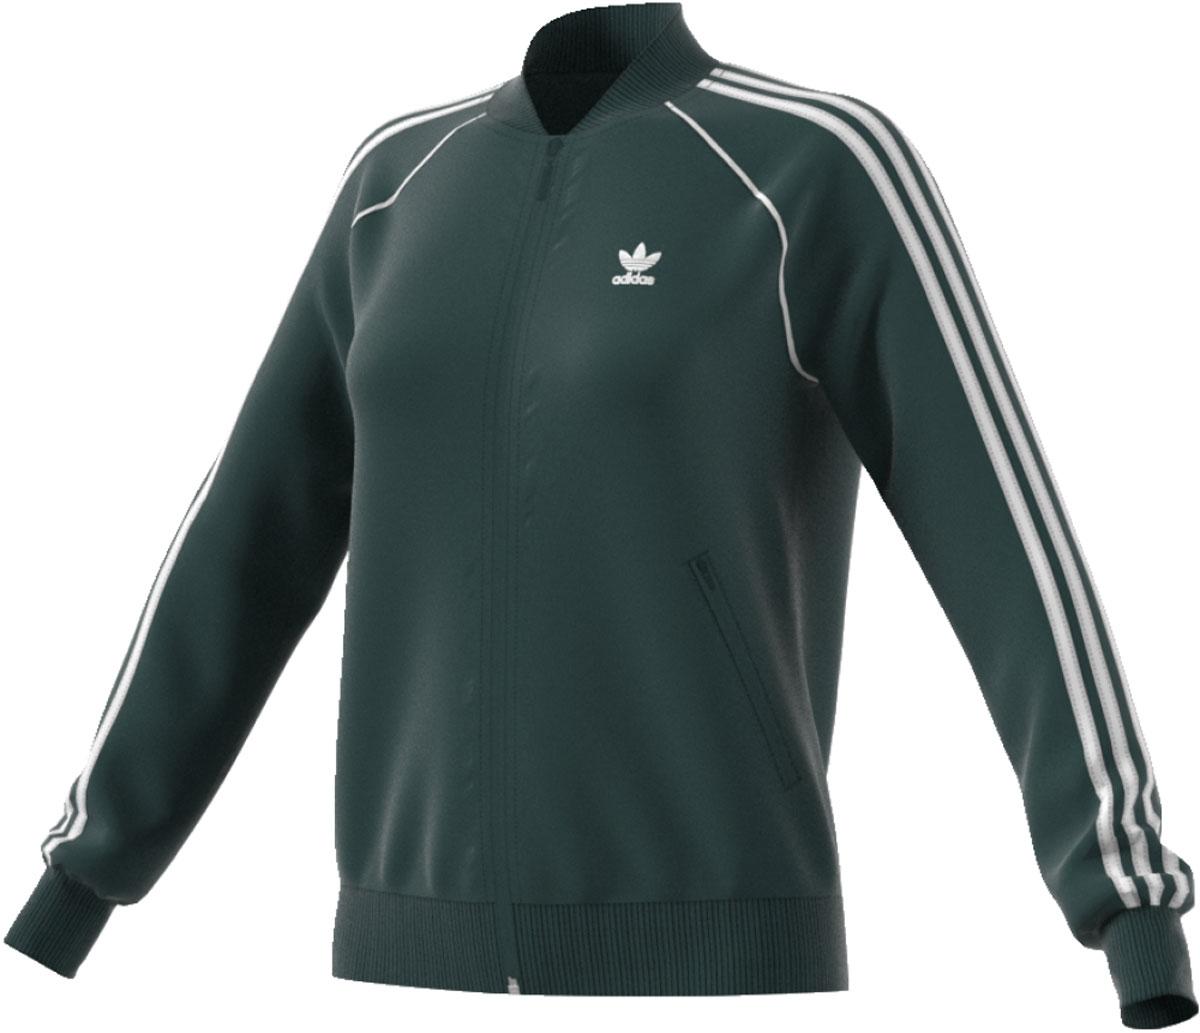 Олимпийка женская Adidas Sst Tt, цвет: темно-зеленый. CE2396. Размер 36 (44)CE2396Современная модель в архивном спортивном стиле. Женская олимпийка с хорошо узнаваемыми аутентичными деталями. Гладкий трикотаж и три полоски на рукавах подчеркивают винтажный дизайн, повторяющий силуэт модели SST.Передние карманы на молнииЗастежка на молнию; рифленый воротник, как на архивной олимпийке SSTКонтрастная отделка на рукавахРифленые манжеты и нижний крайТрилистник на груди